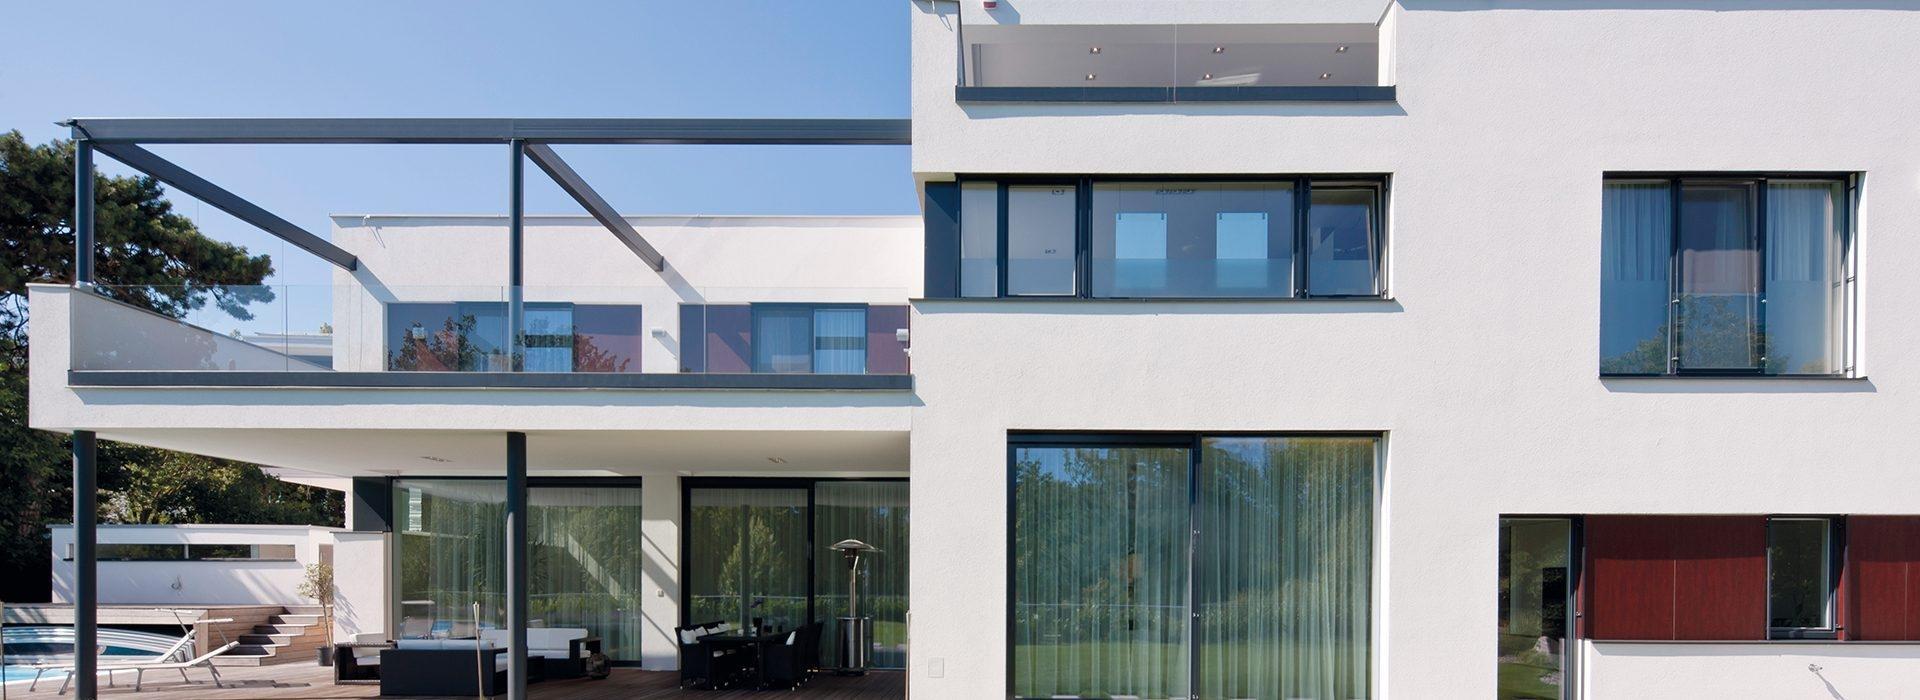 fenster opitz. Black Bedroom Furniture Sets. Home Design Ideas